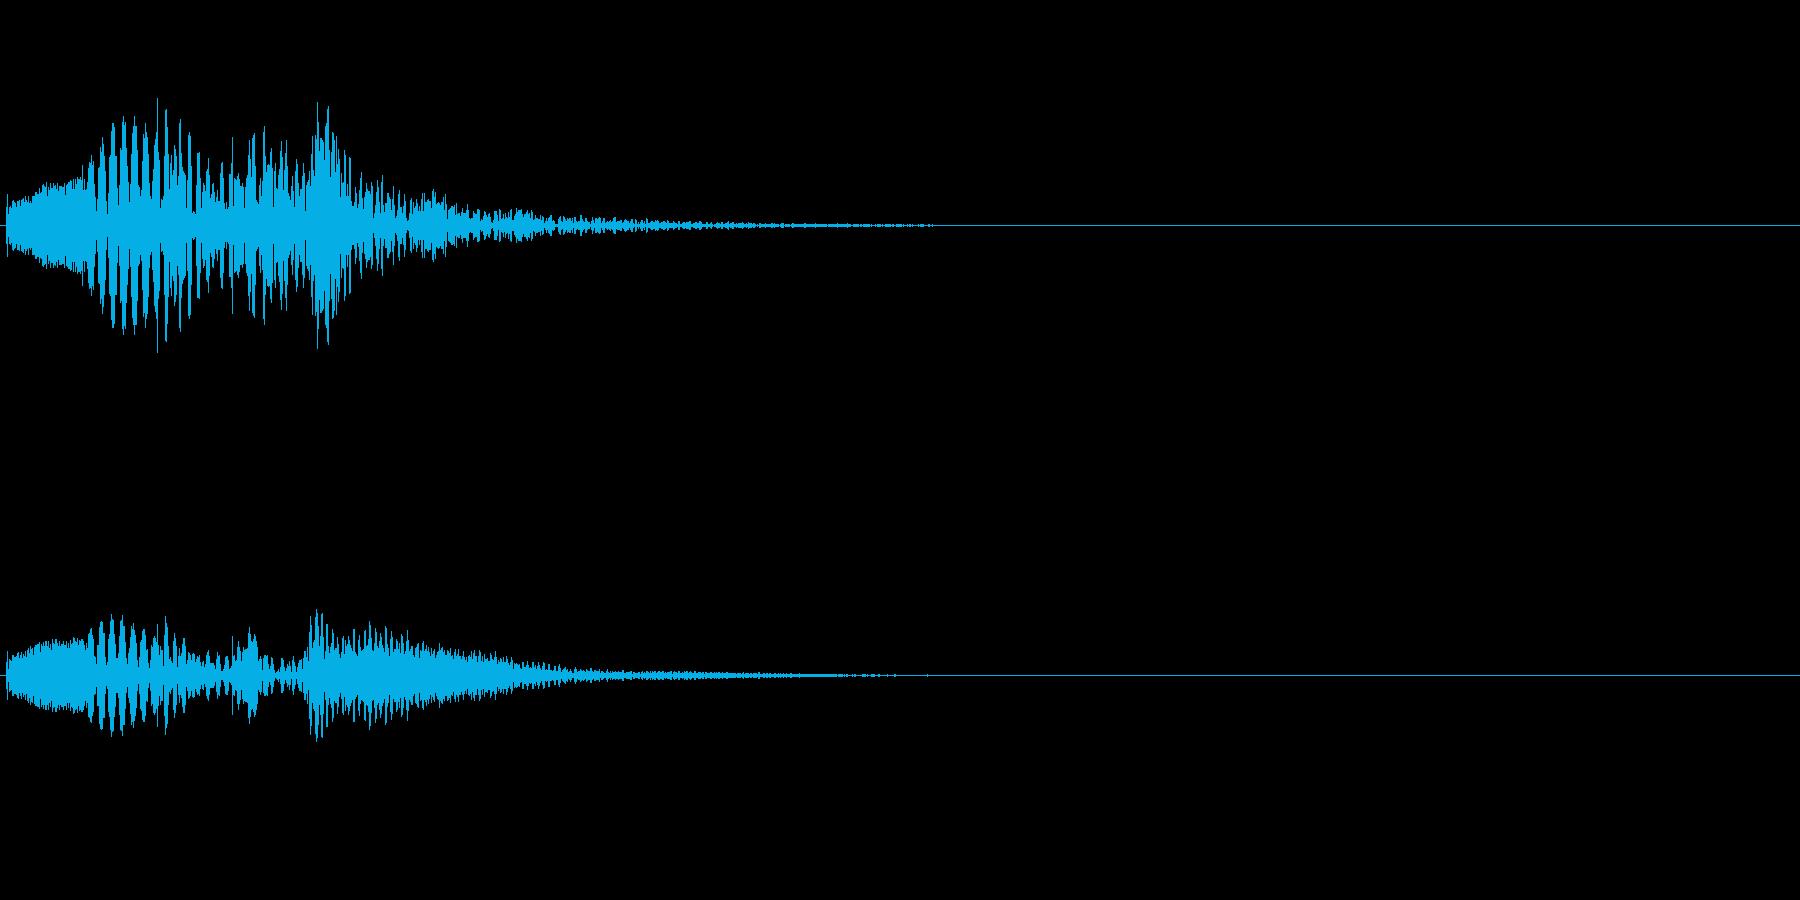 アプリやゲーム、マリンバ、起動音、上昇2の再生済みの波形